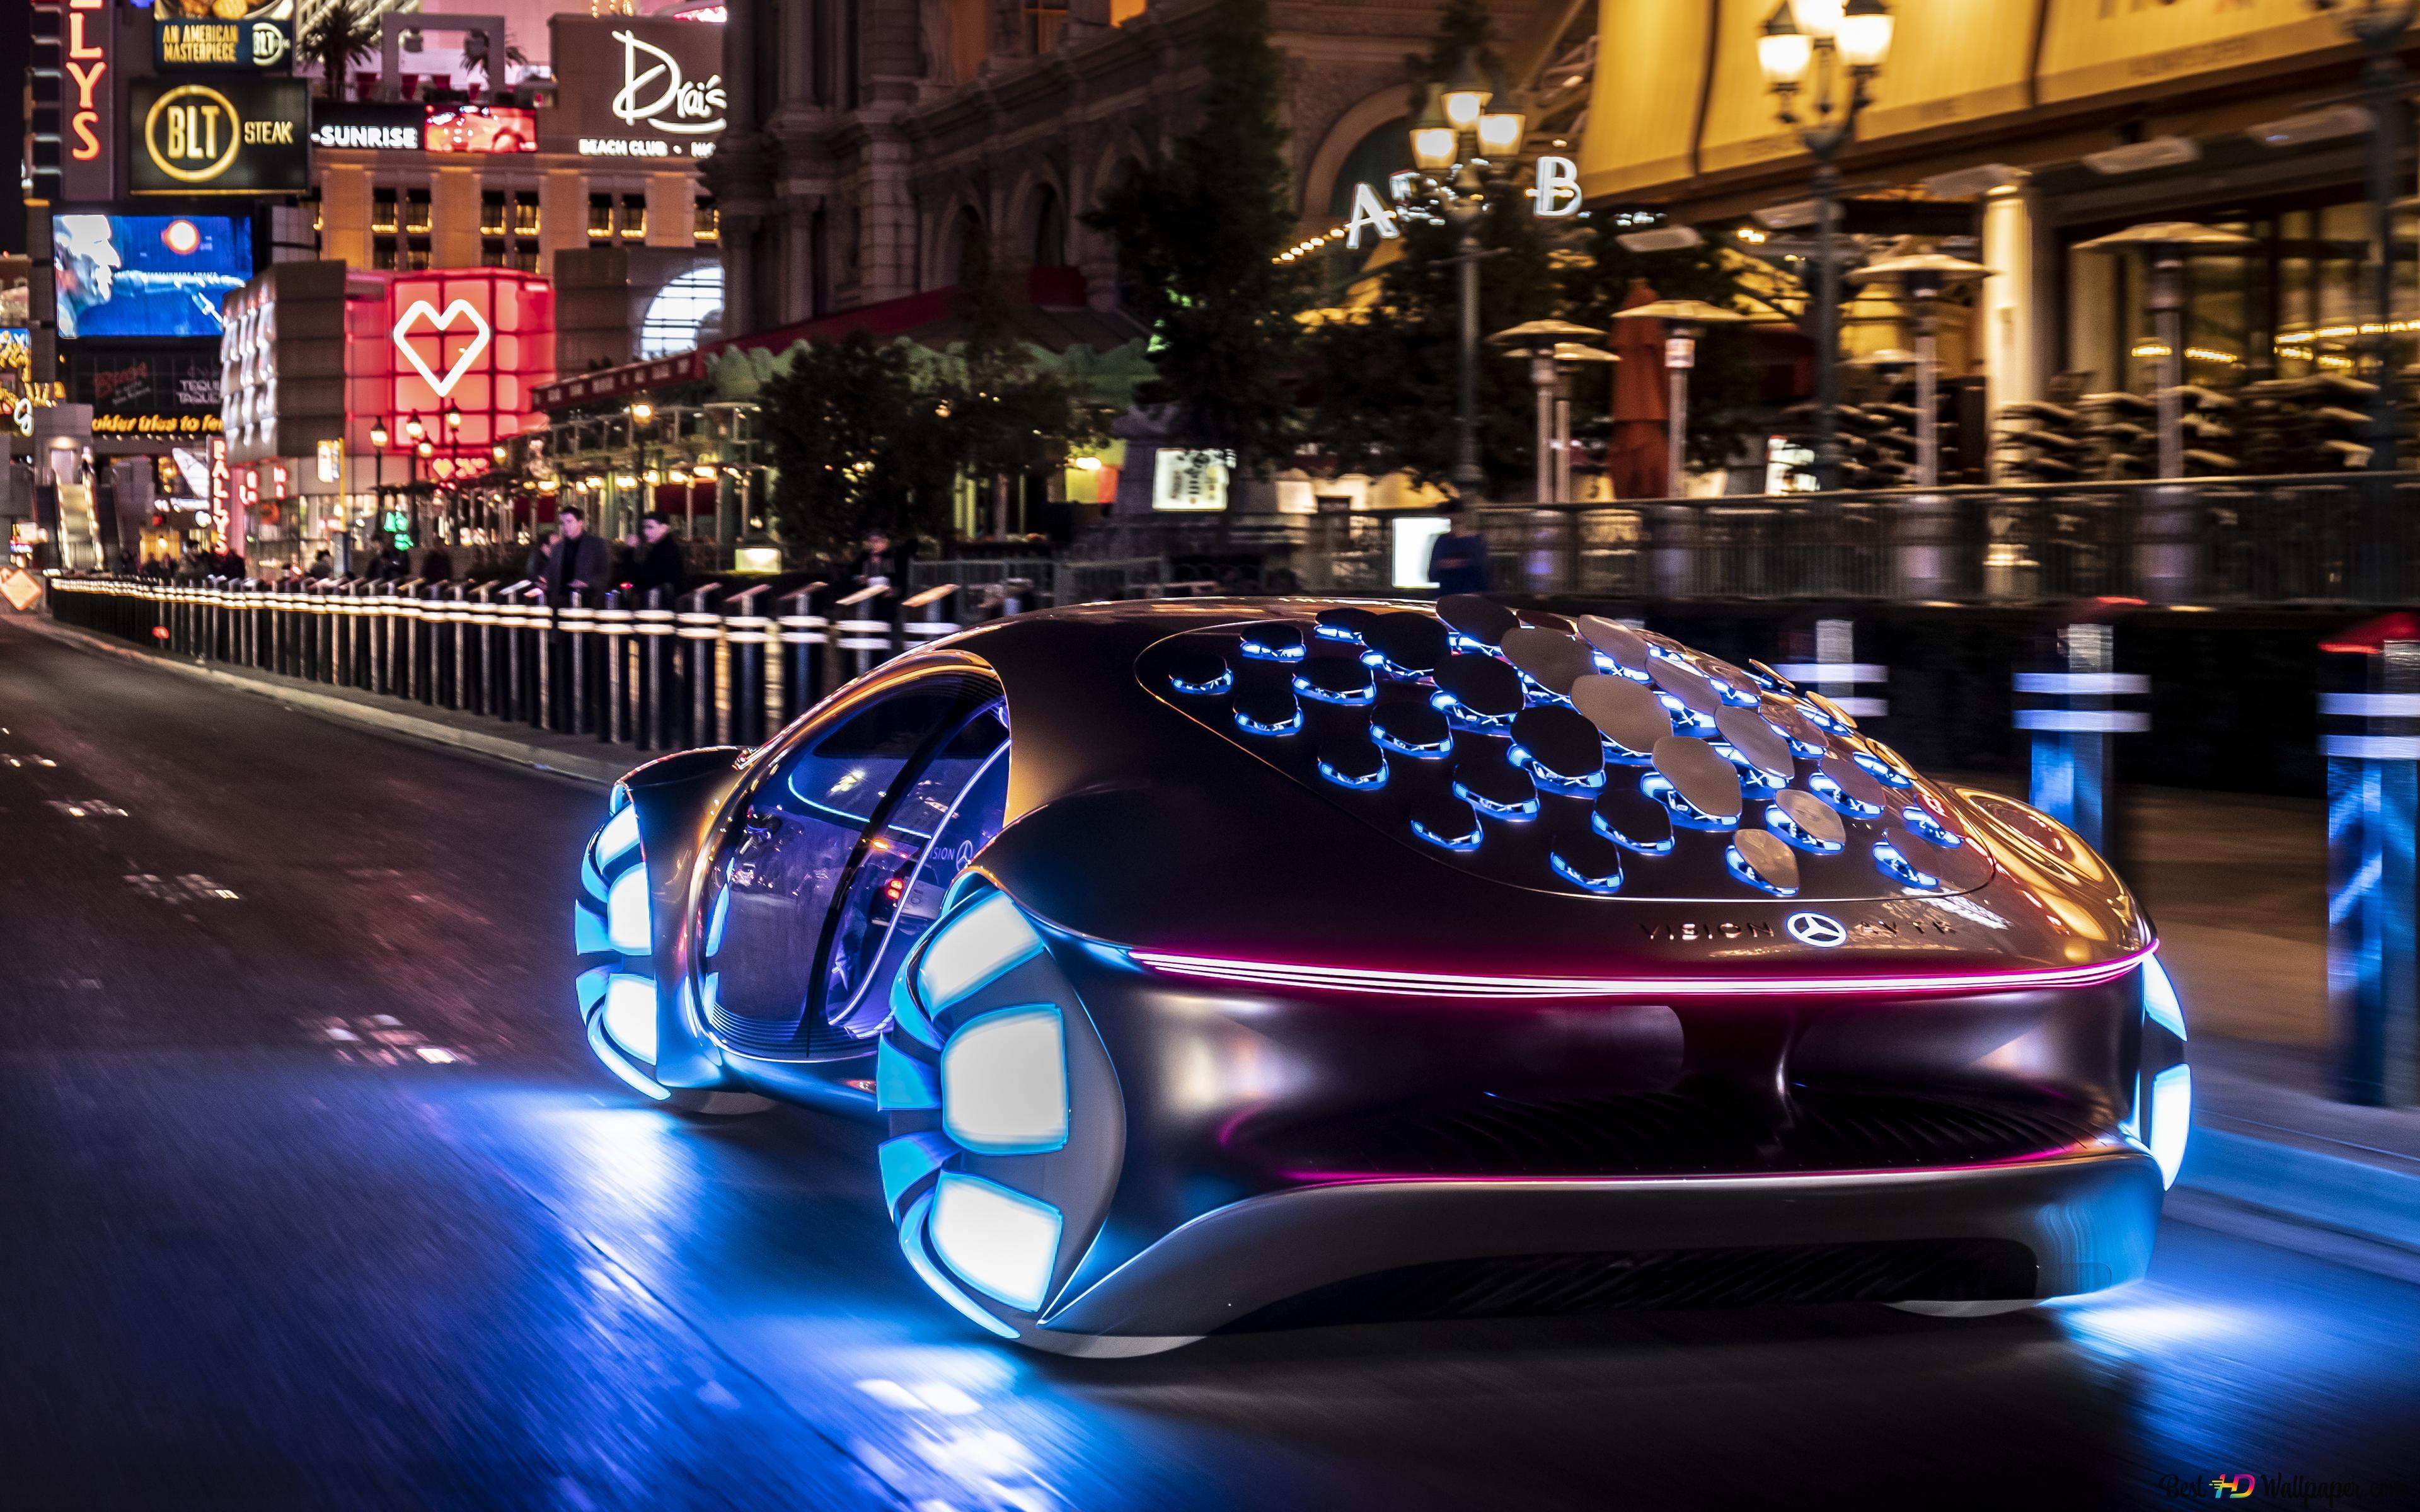 Mercedes Benz Vision Avtr Futuriste Voiture Dans Le Monde Reel Hd Fond D Ecran Telecharger